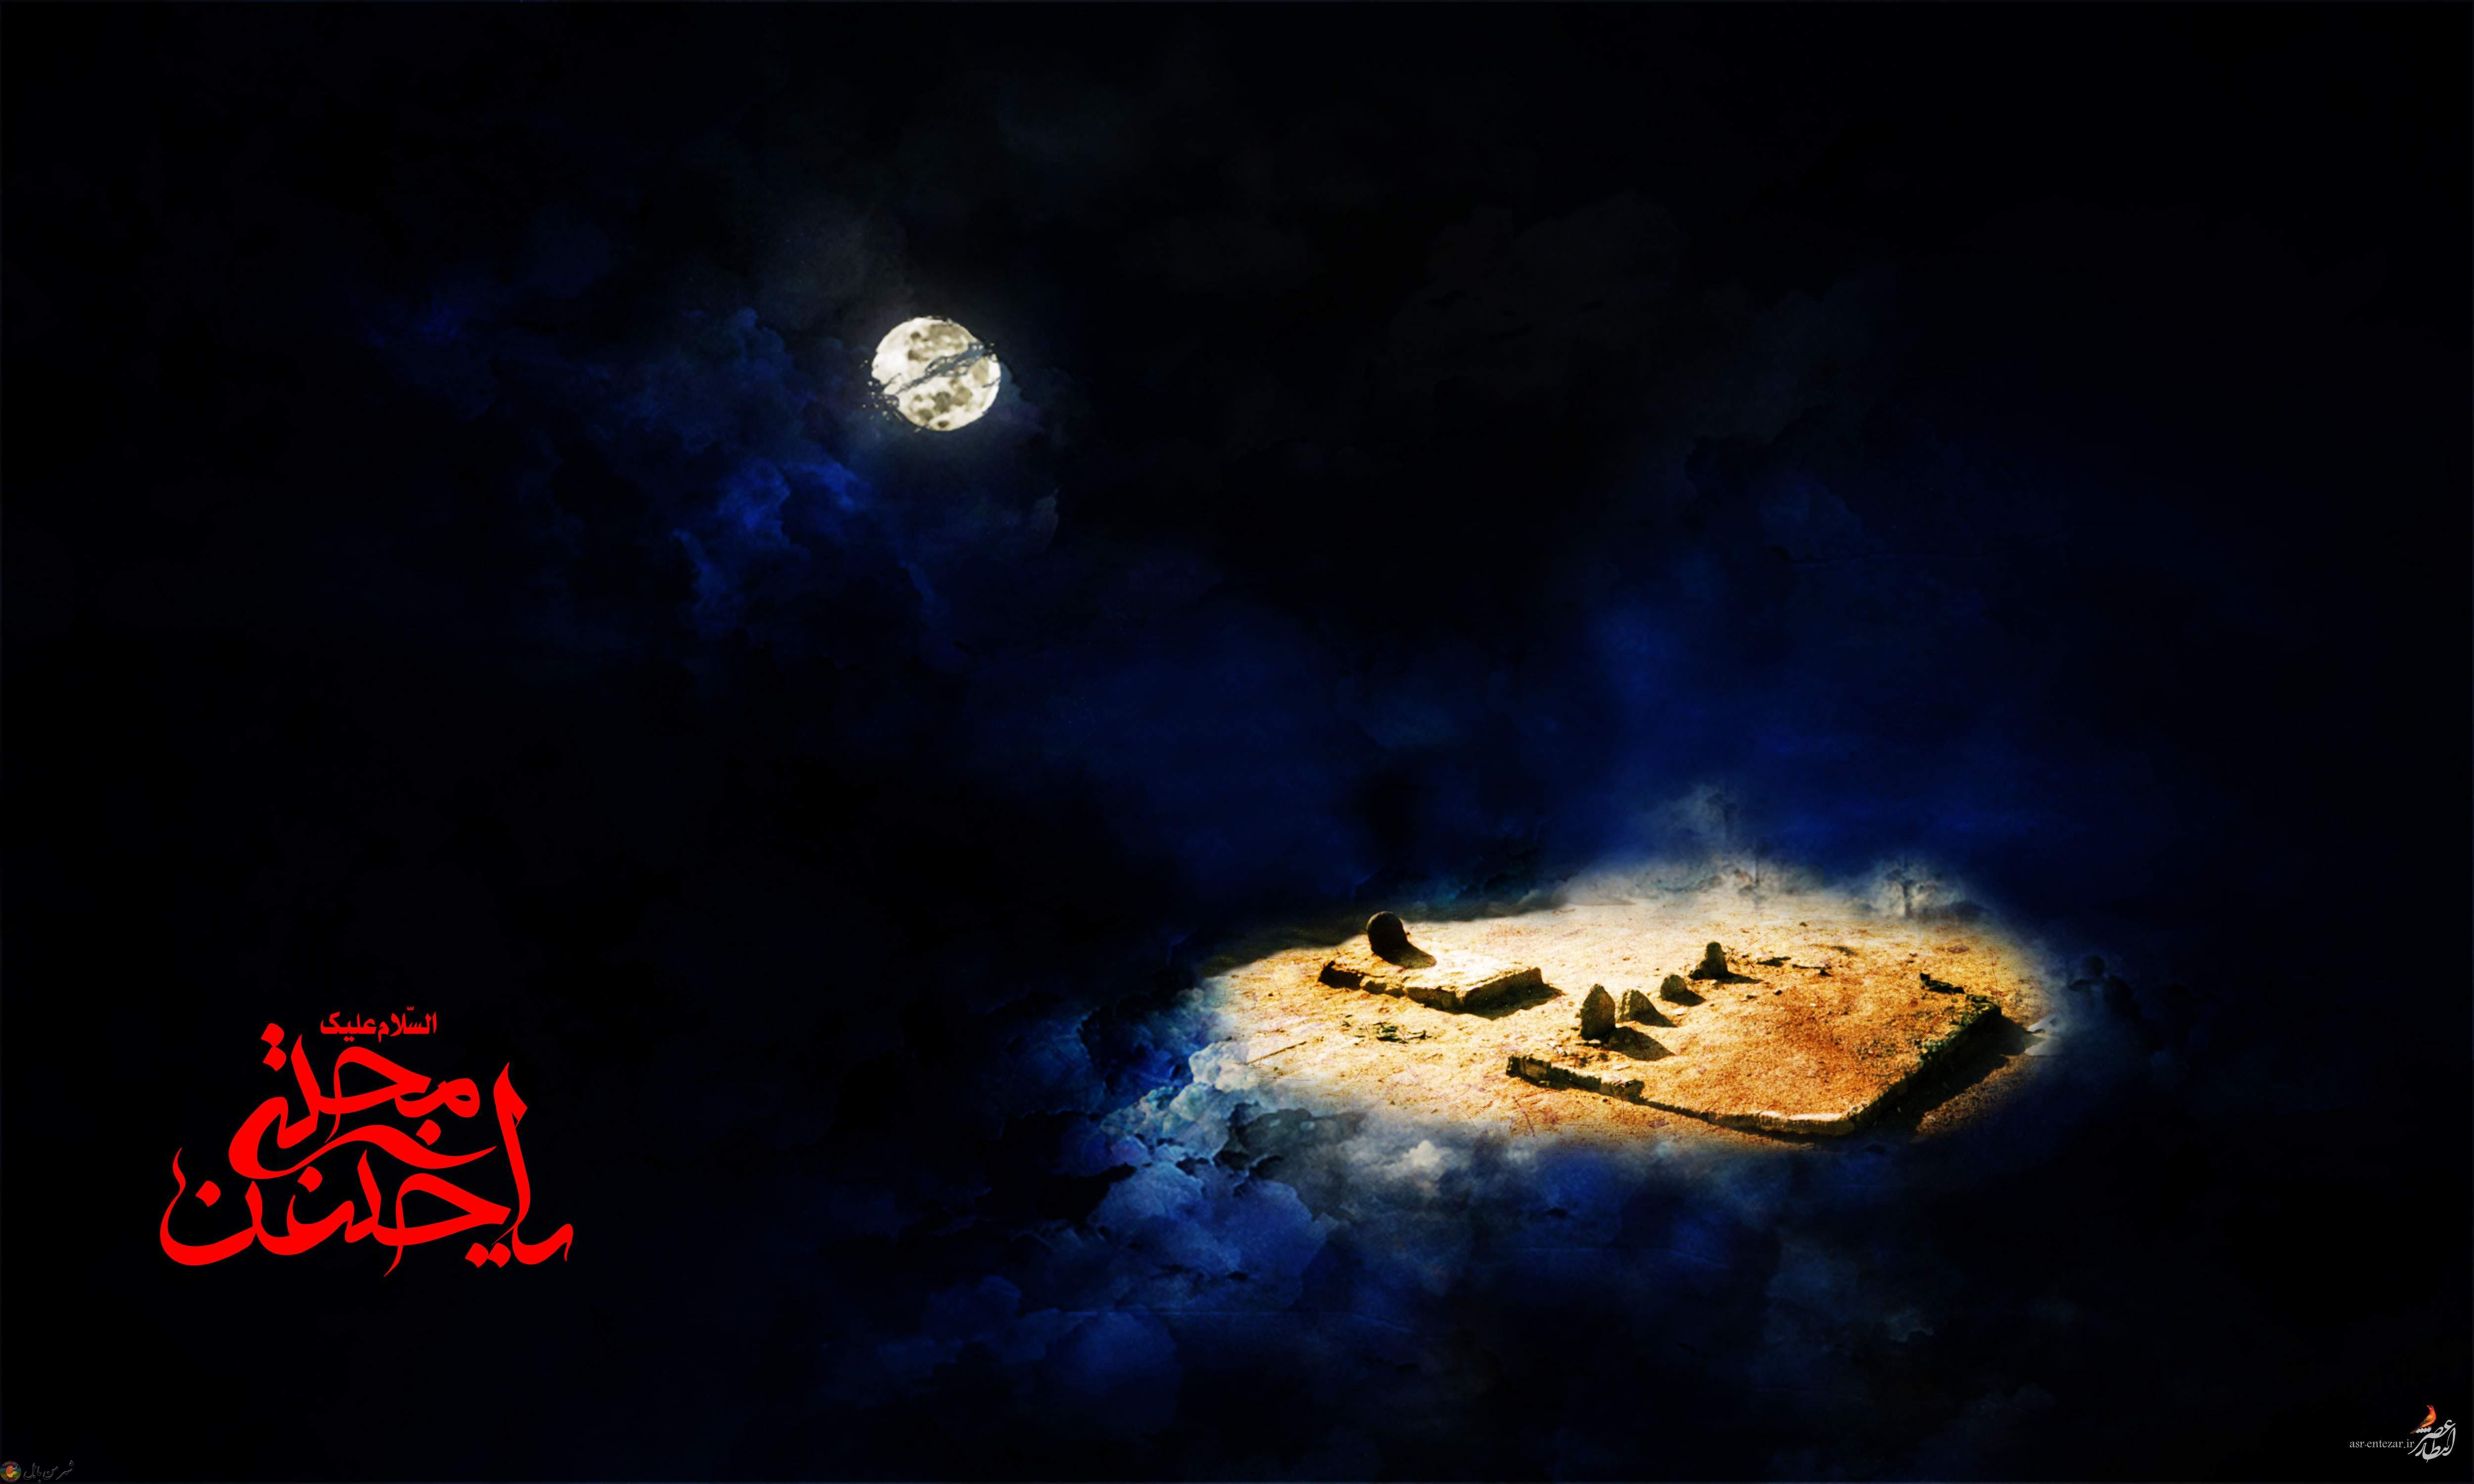 رحلت حضرت رسول اکرم (ص)و شهادت امام حسن مجتبی(ع)